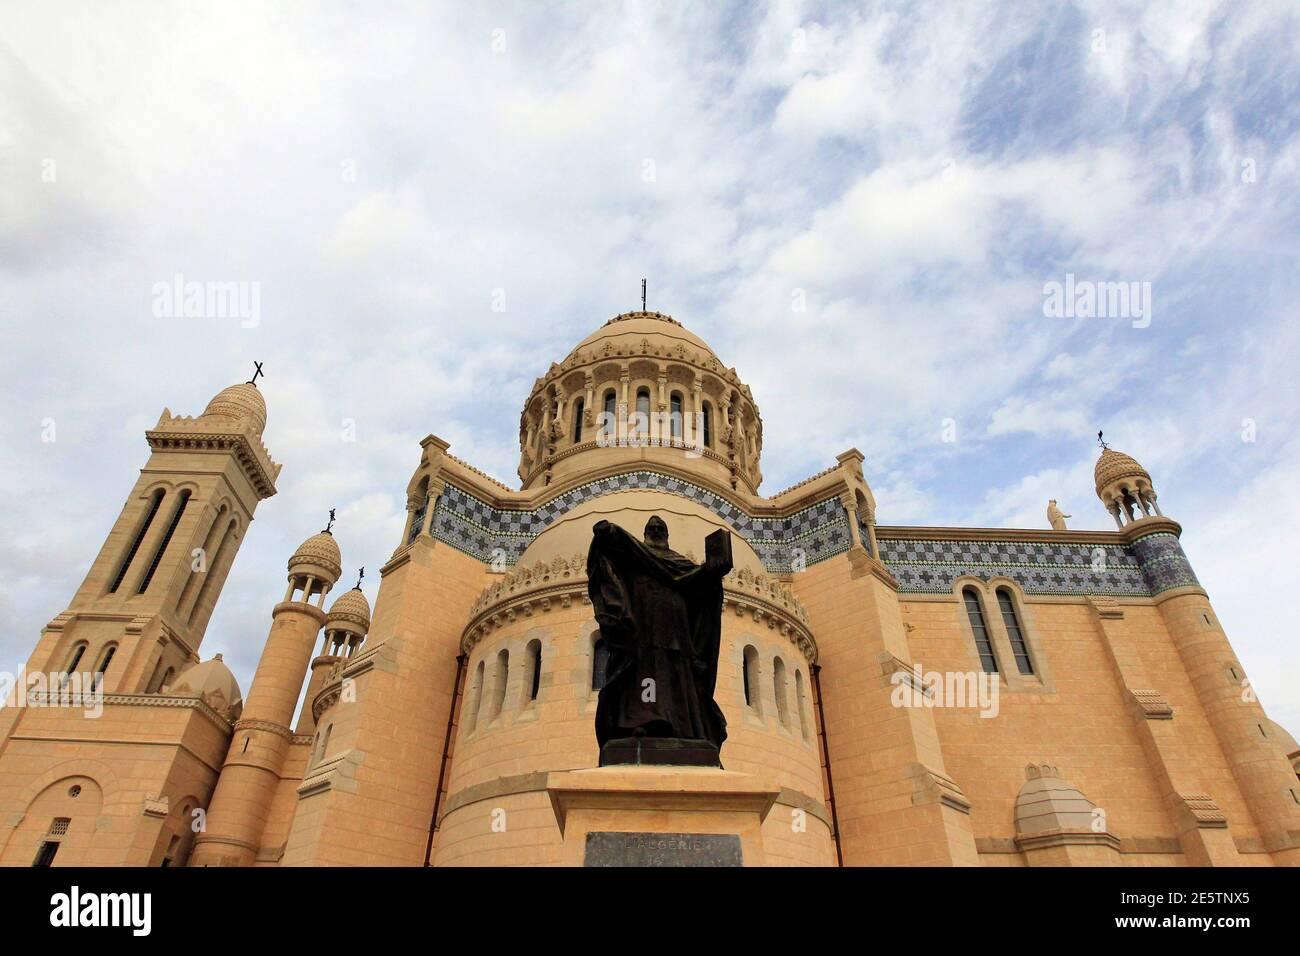 Una vista de la recién restaurada Notre Dame D'Afrique, o nuestra Señora de África, Basílica en Argel 13 de diciembre de 2010. La basílica fue reinaugurada oficialmente el lunes después de un proyecto de restauración de cuatro años financiado parcialmente por la Unión Europea. La iglesia, que se alza sobre un promontorio con vistas al Mar Mediterráneo, fue construida durante el dominio colonial francés en Argelia .REUTERS/Zohra Bensemra (ARGELIA - Tags: SOCIEDAD RELIGIOSA) Foto de stock